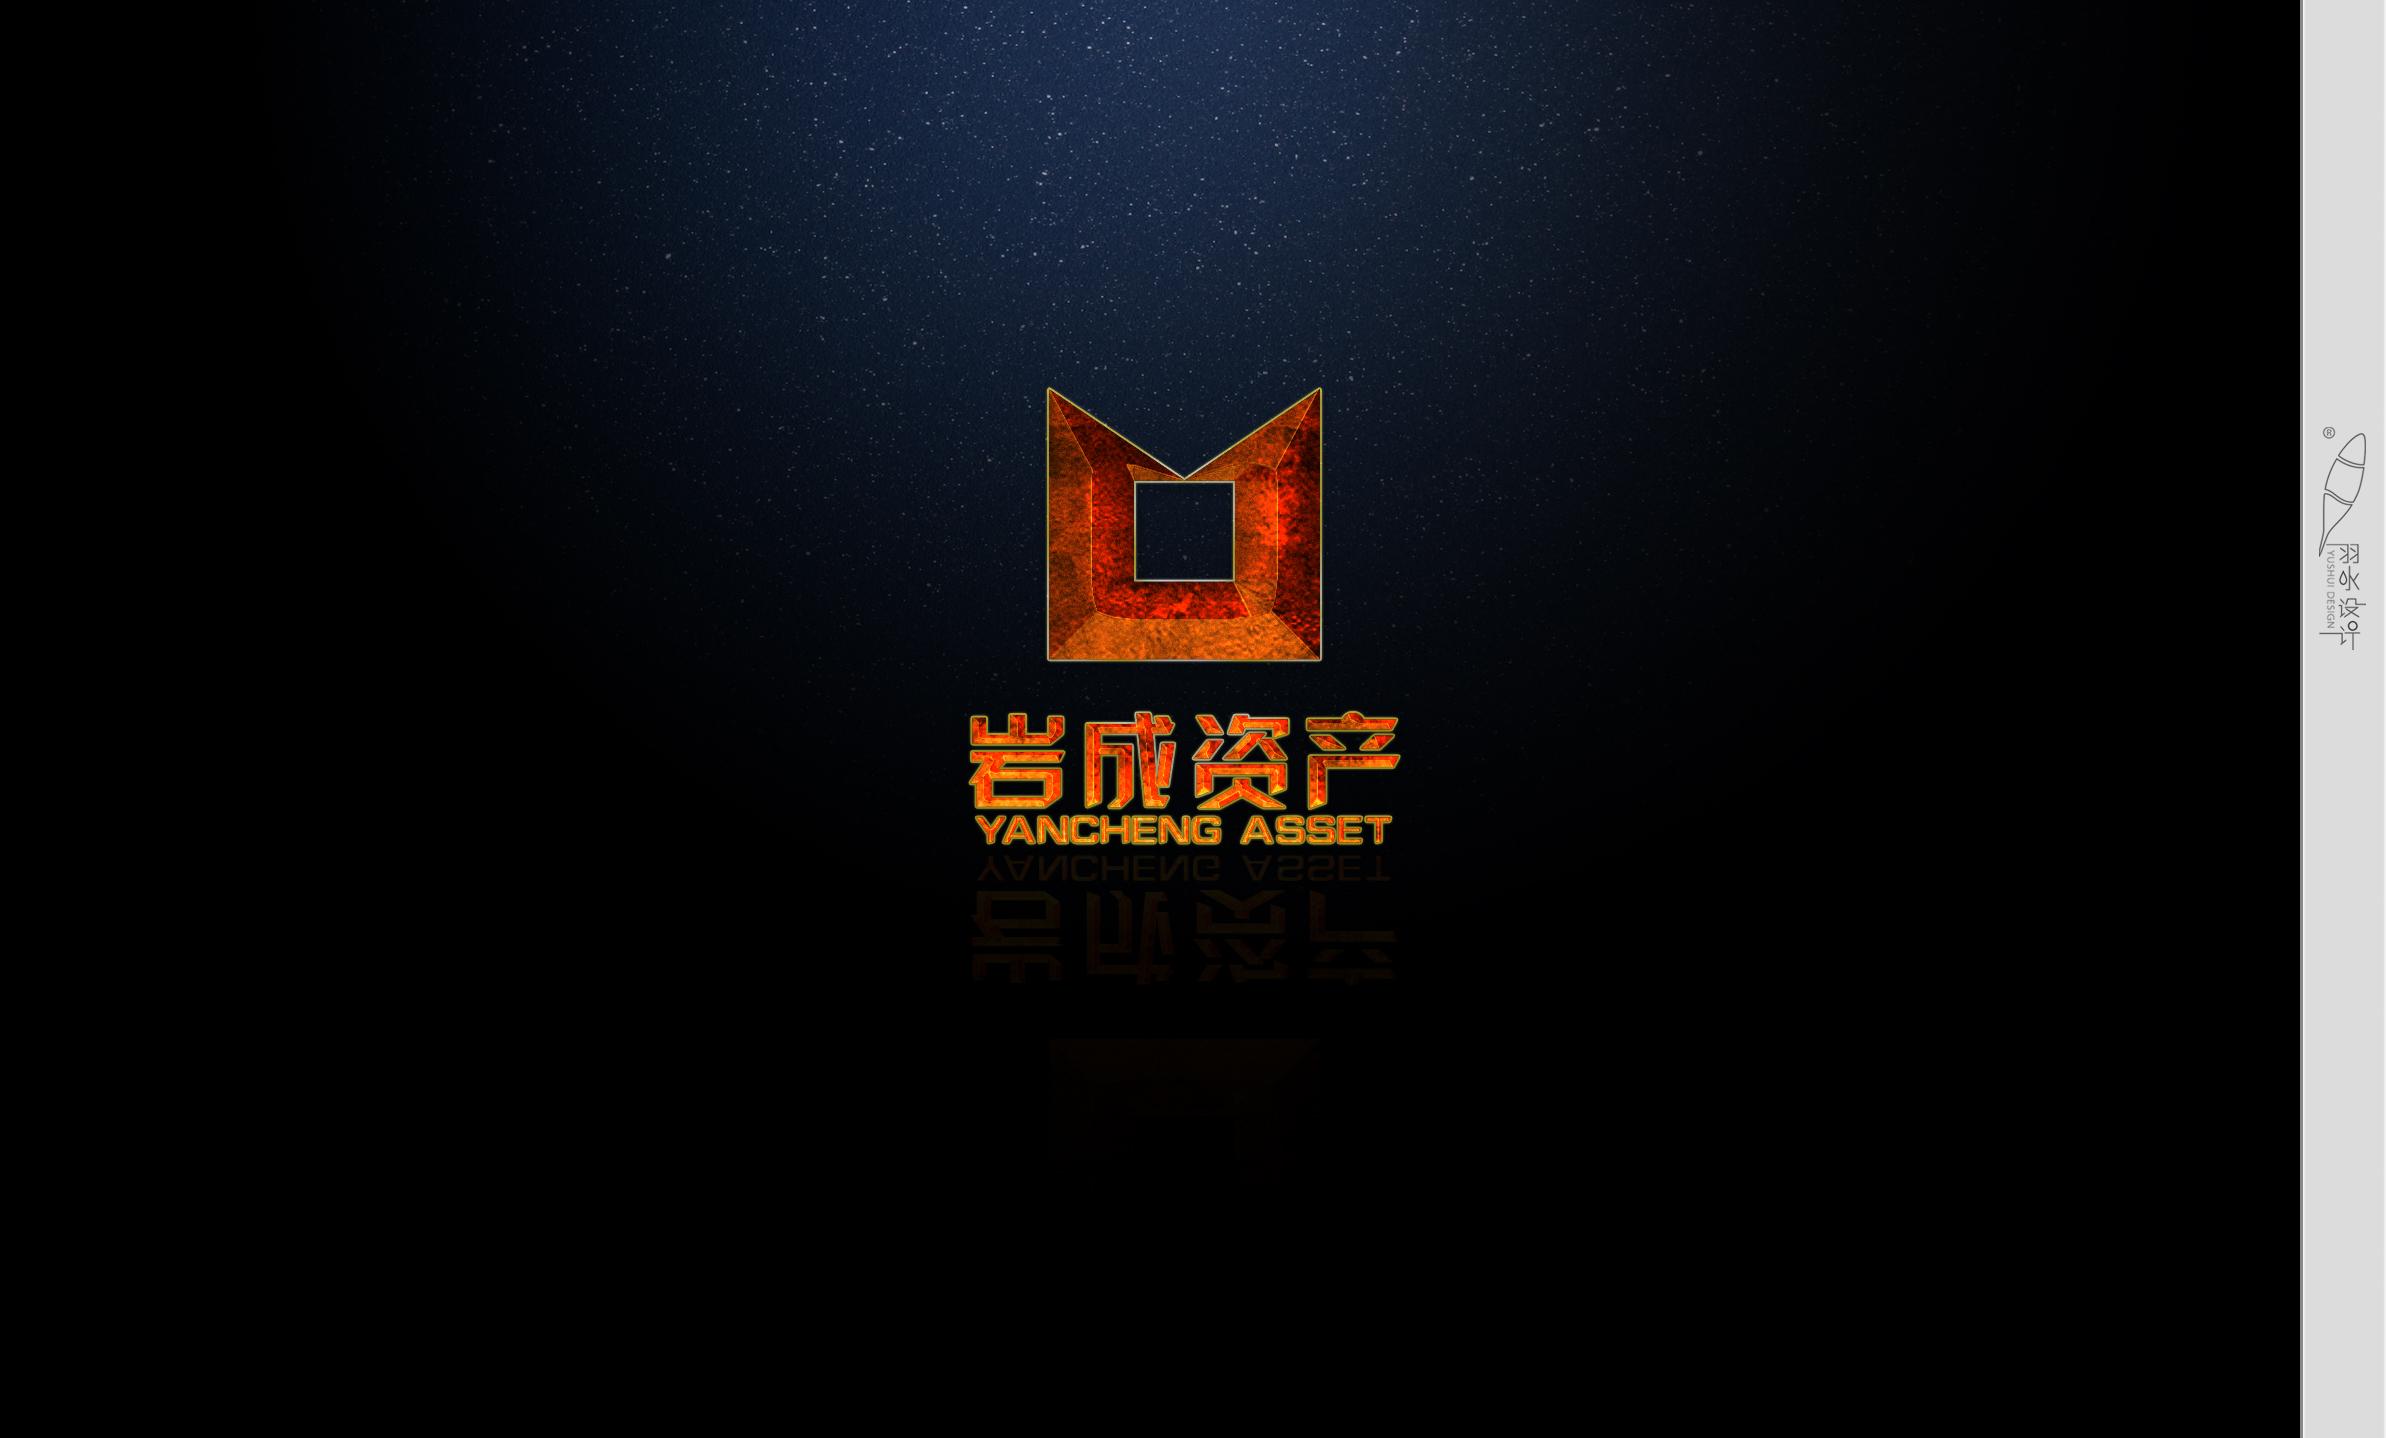 金融公司logo设计及简单应用_一品威客网商标设计任务